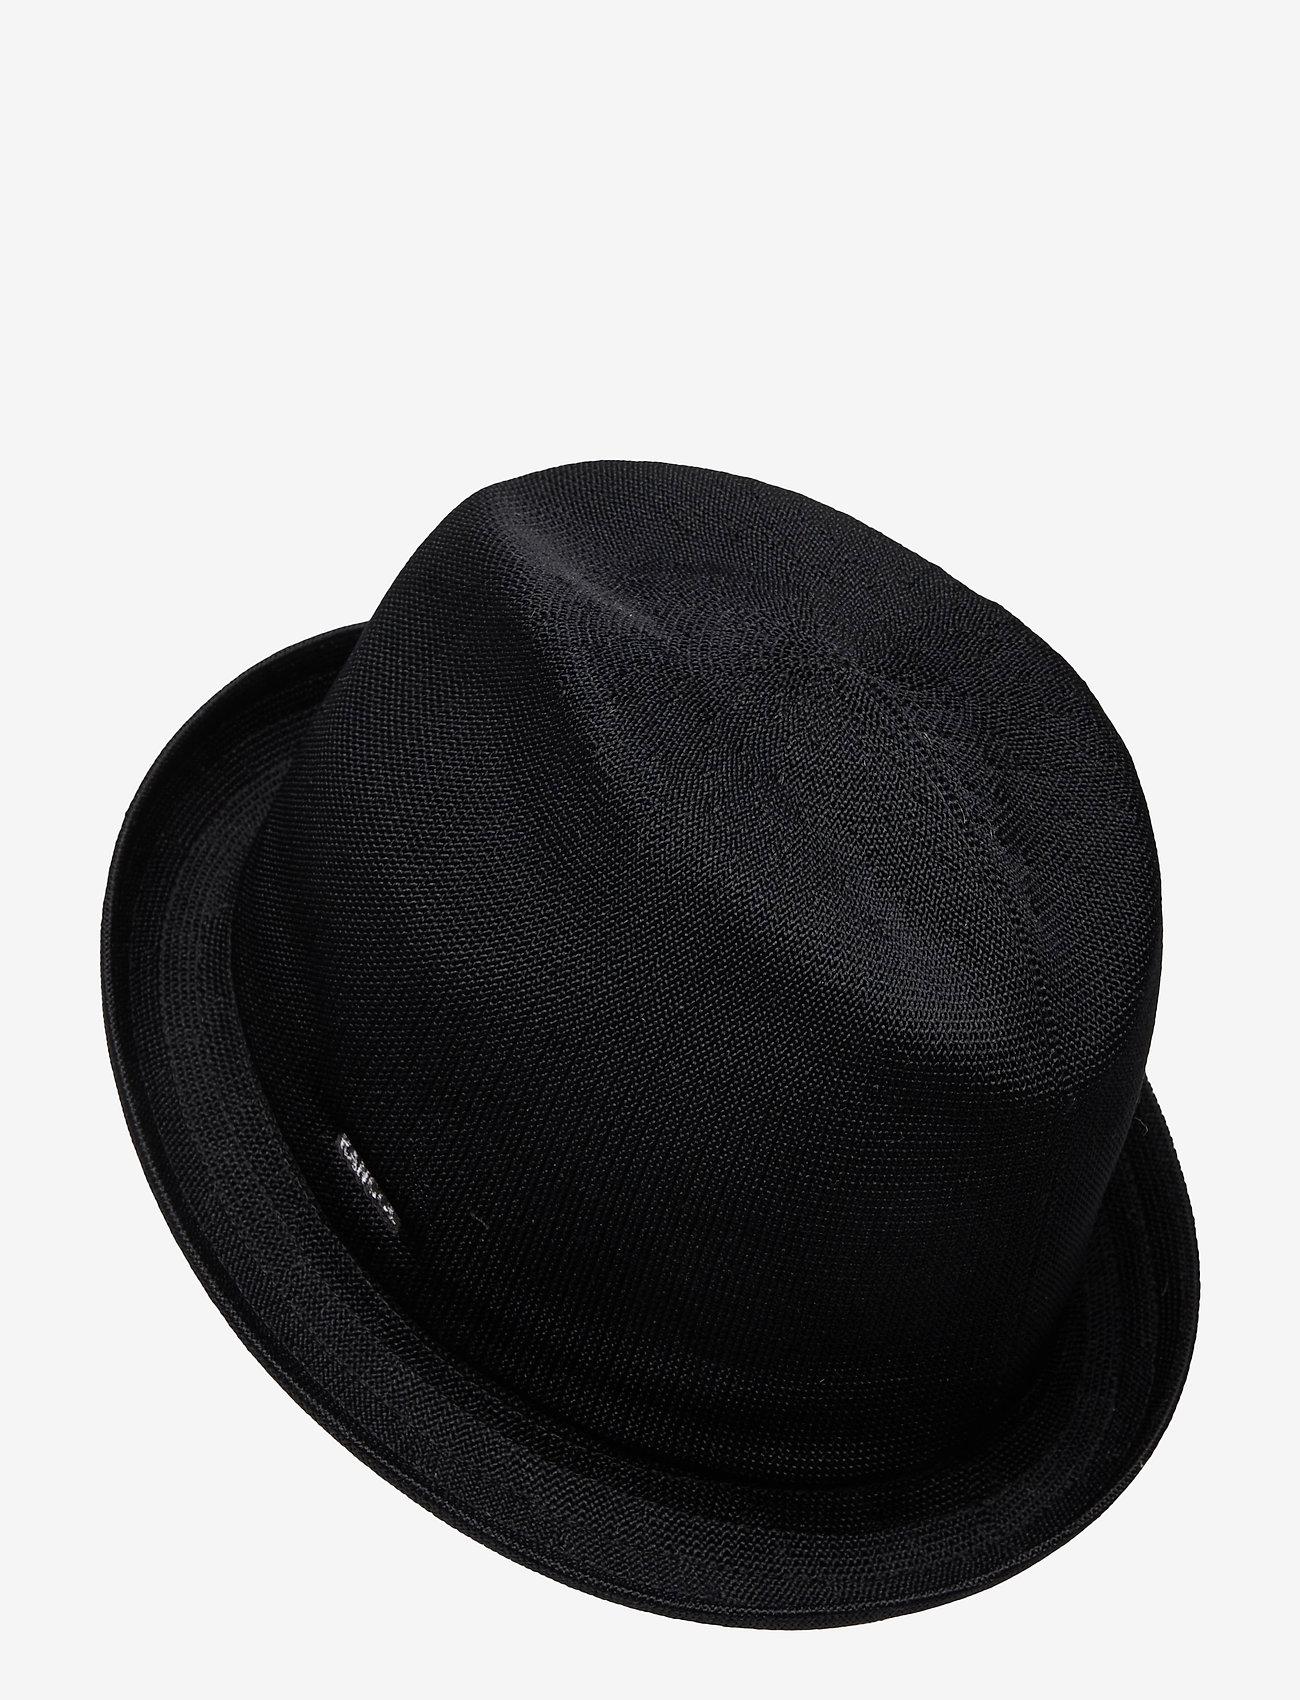 Kangol - KG TROPIC PLAYER - chapeaux - black - 1